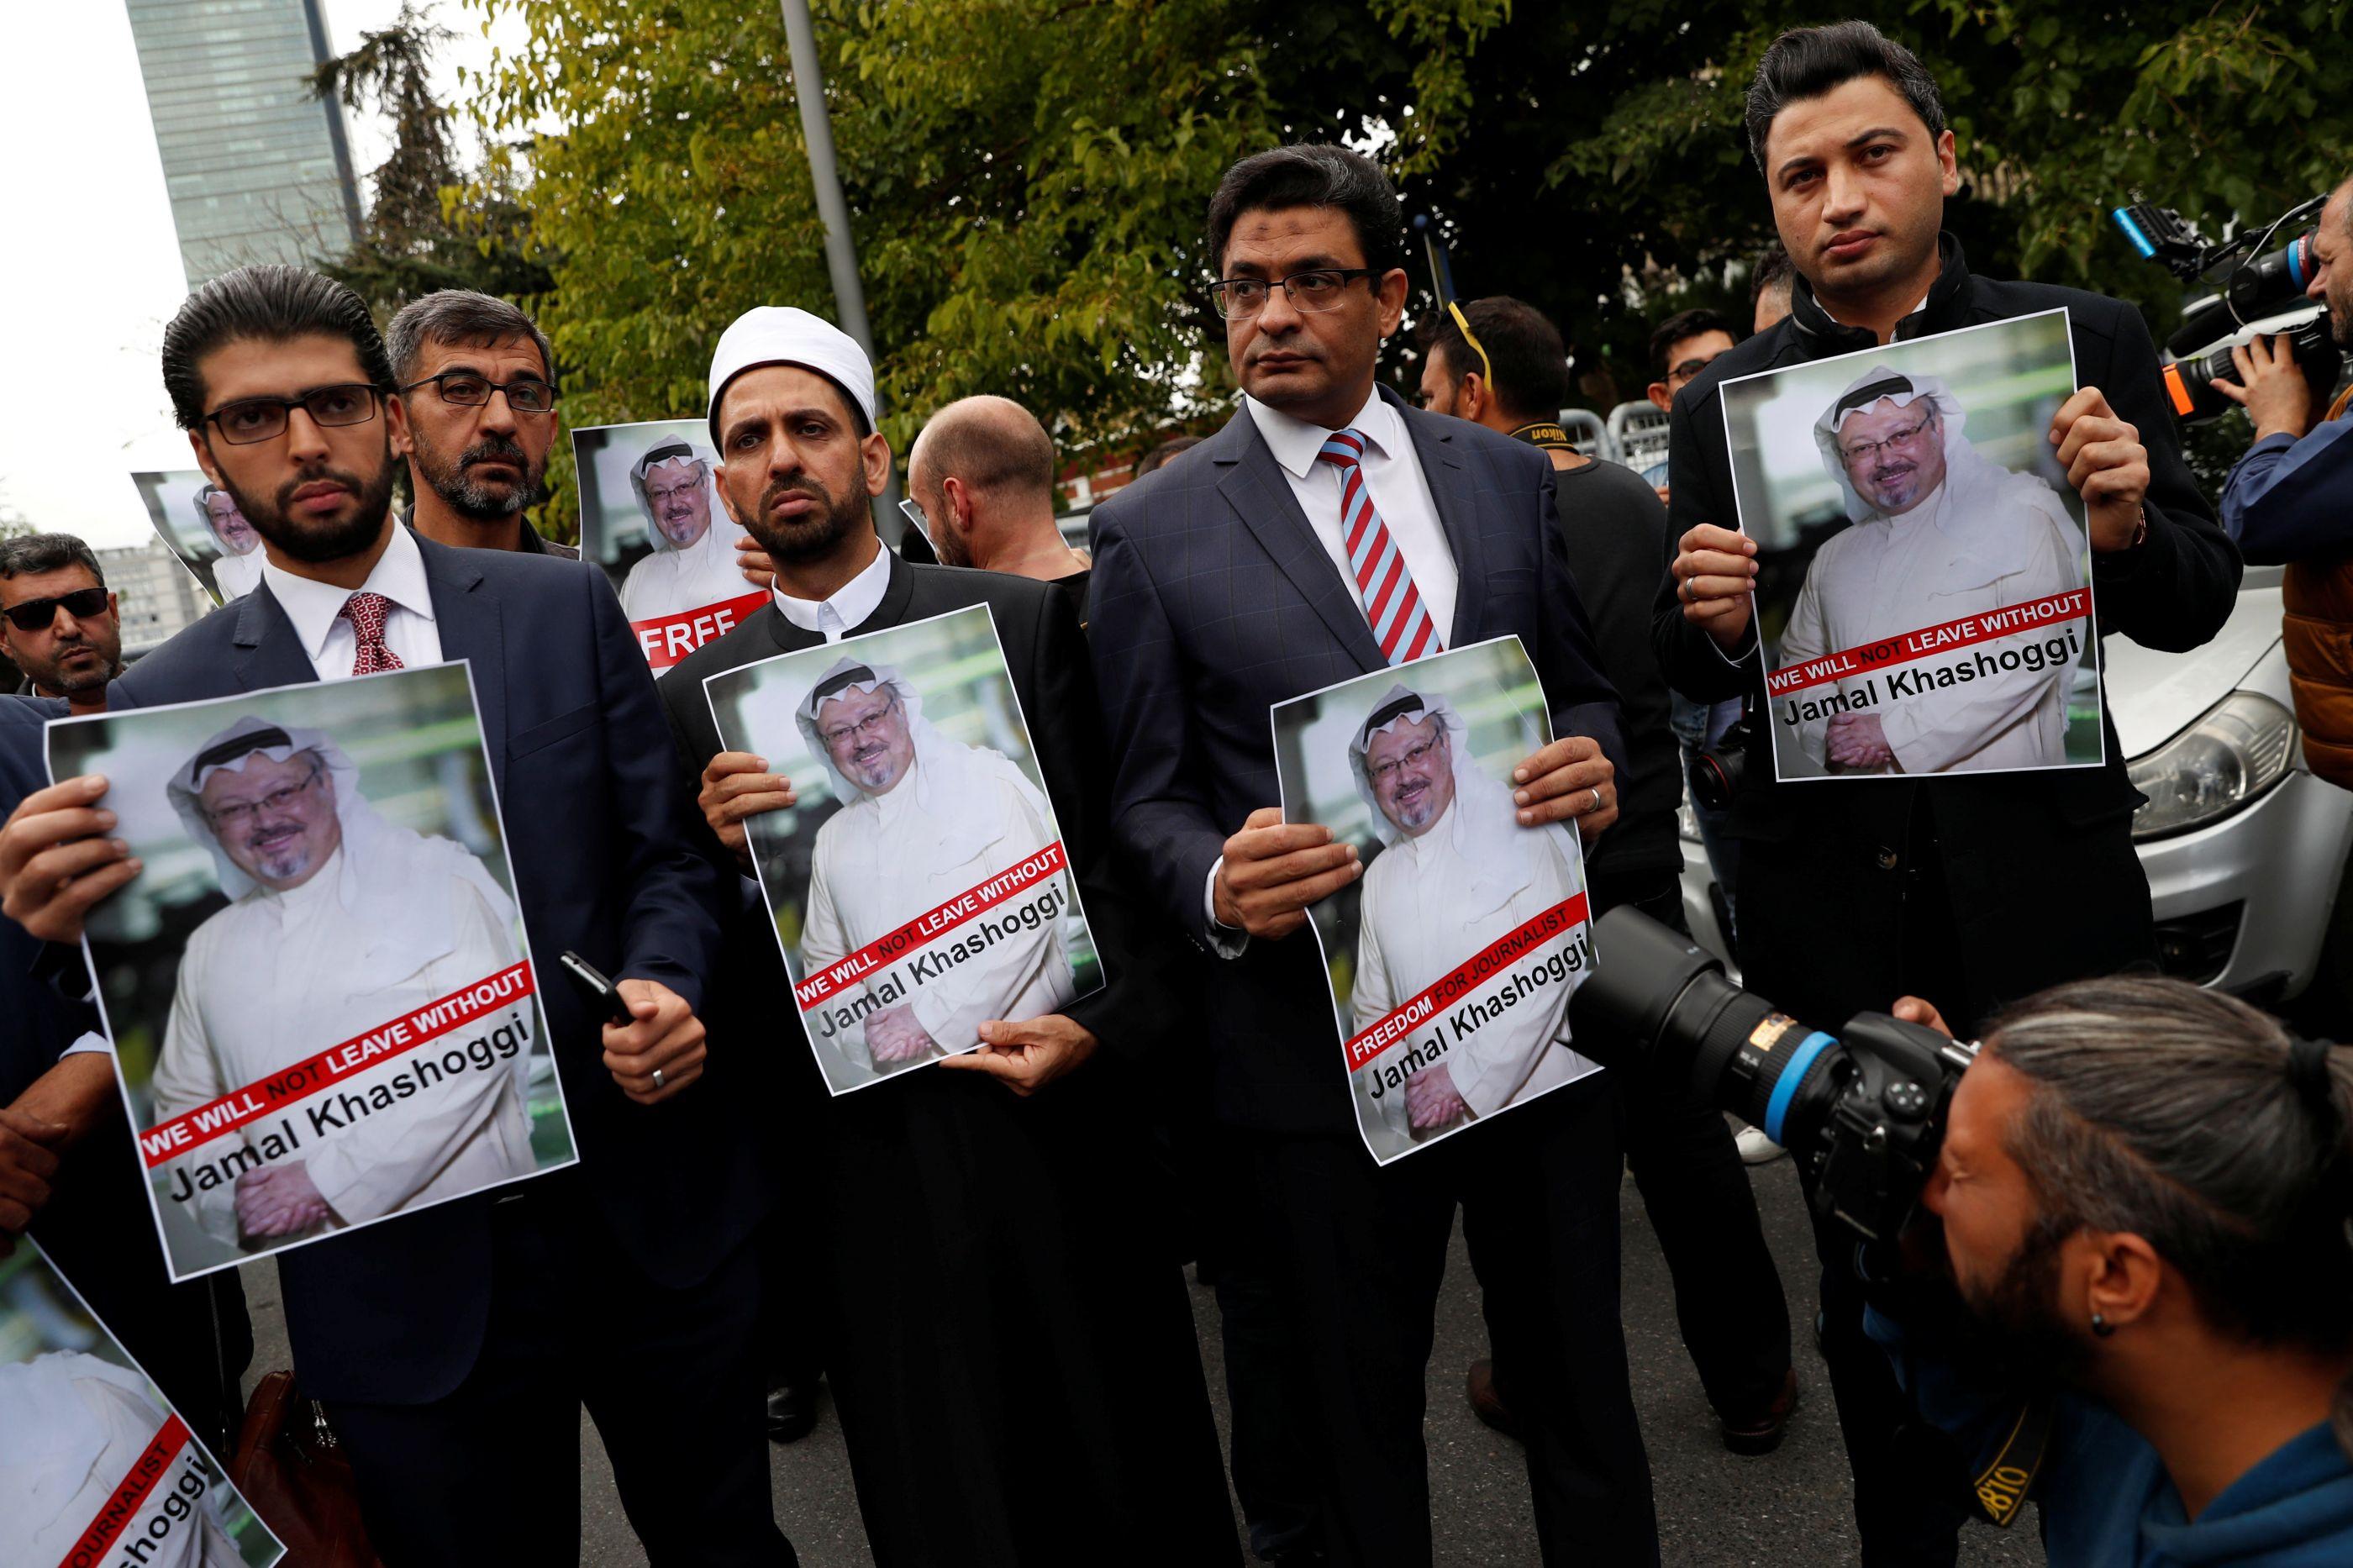 Delegação saudita na Turquia para encontros sobre jornalista desaparecido